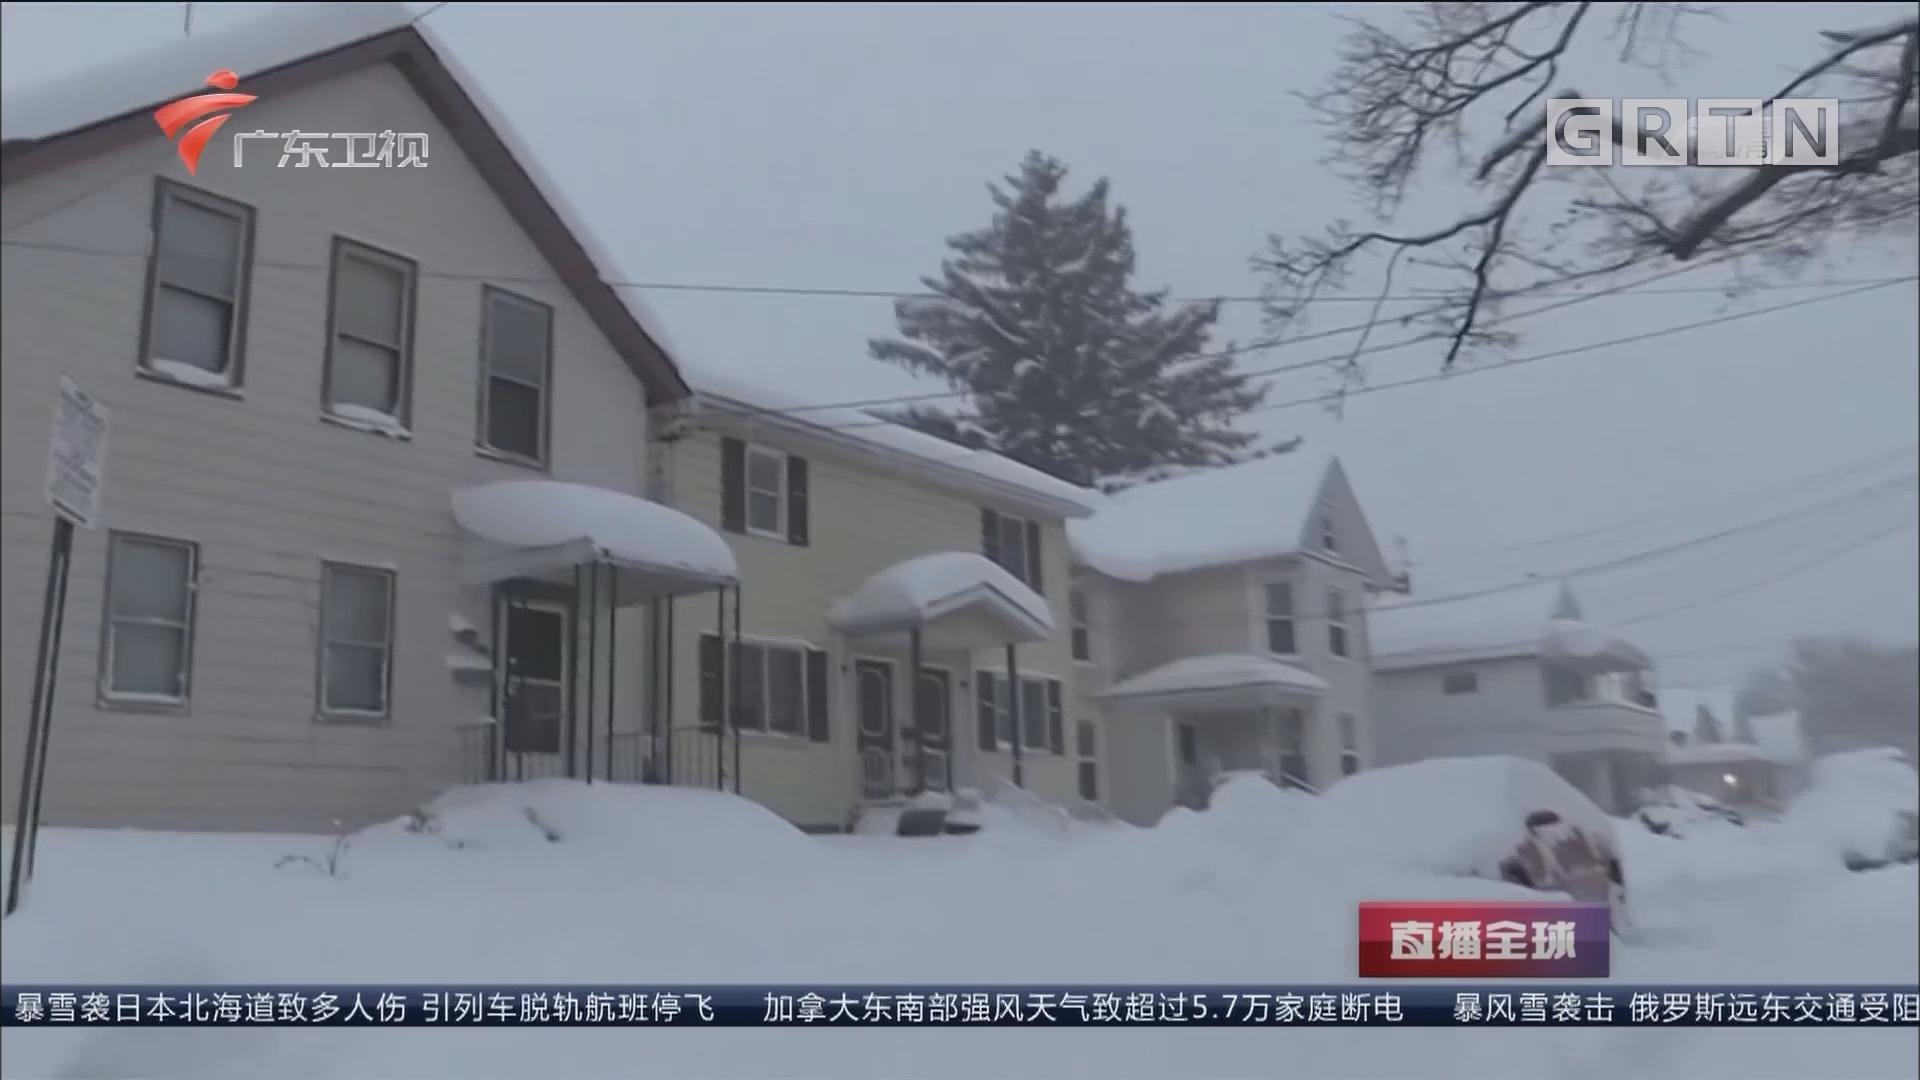 美国东部大雪成灾 居民出行困难:降雪量达1.3米 创历史纪录